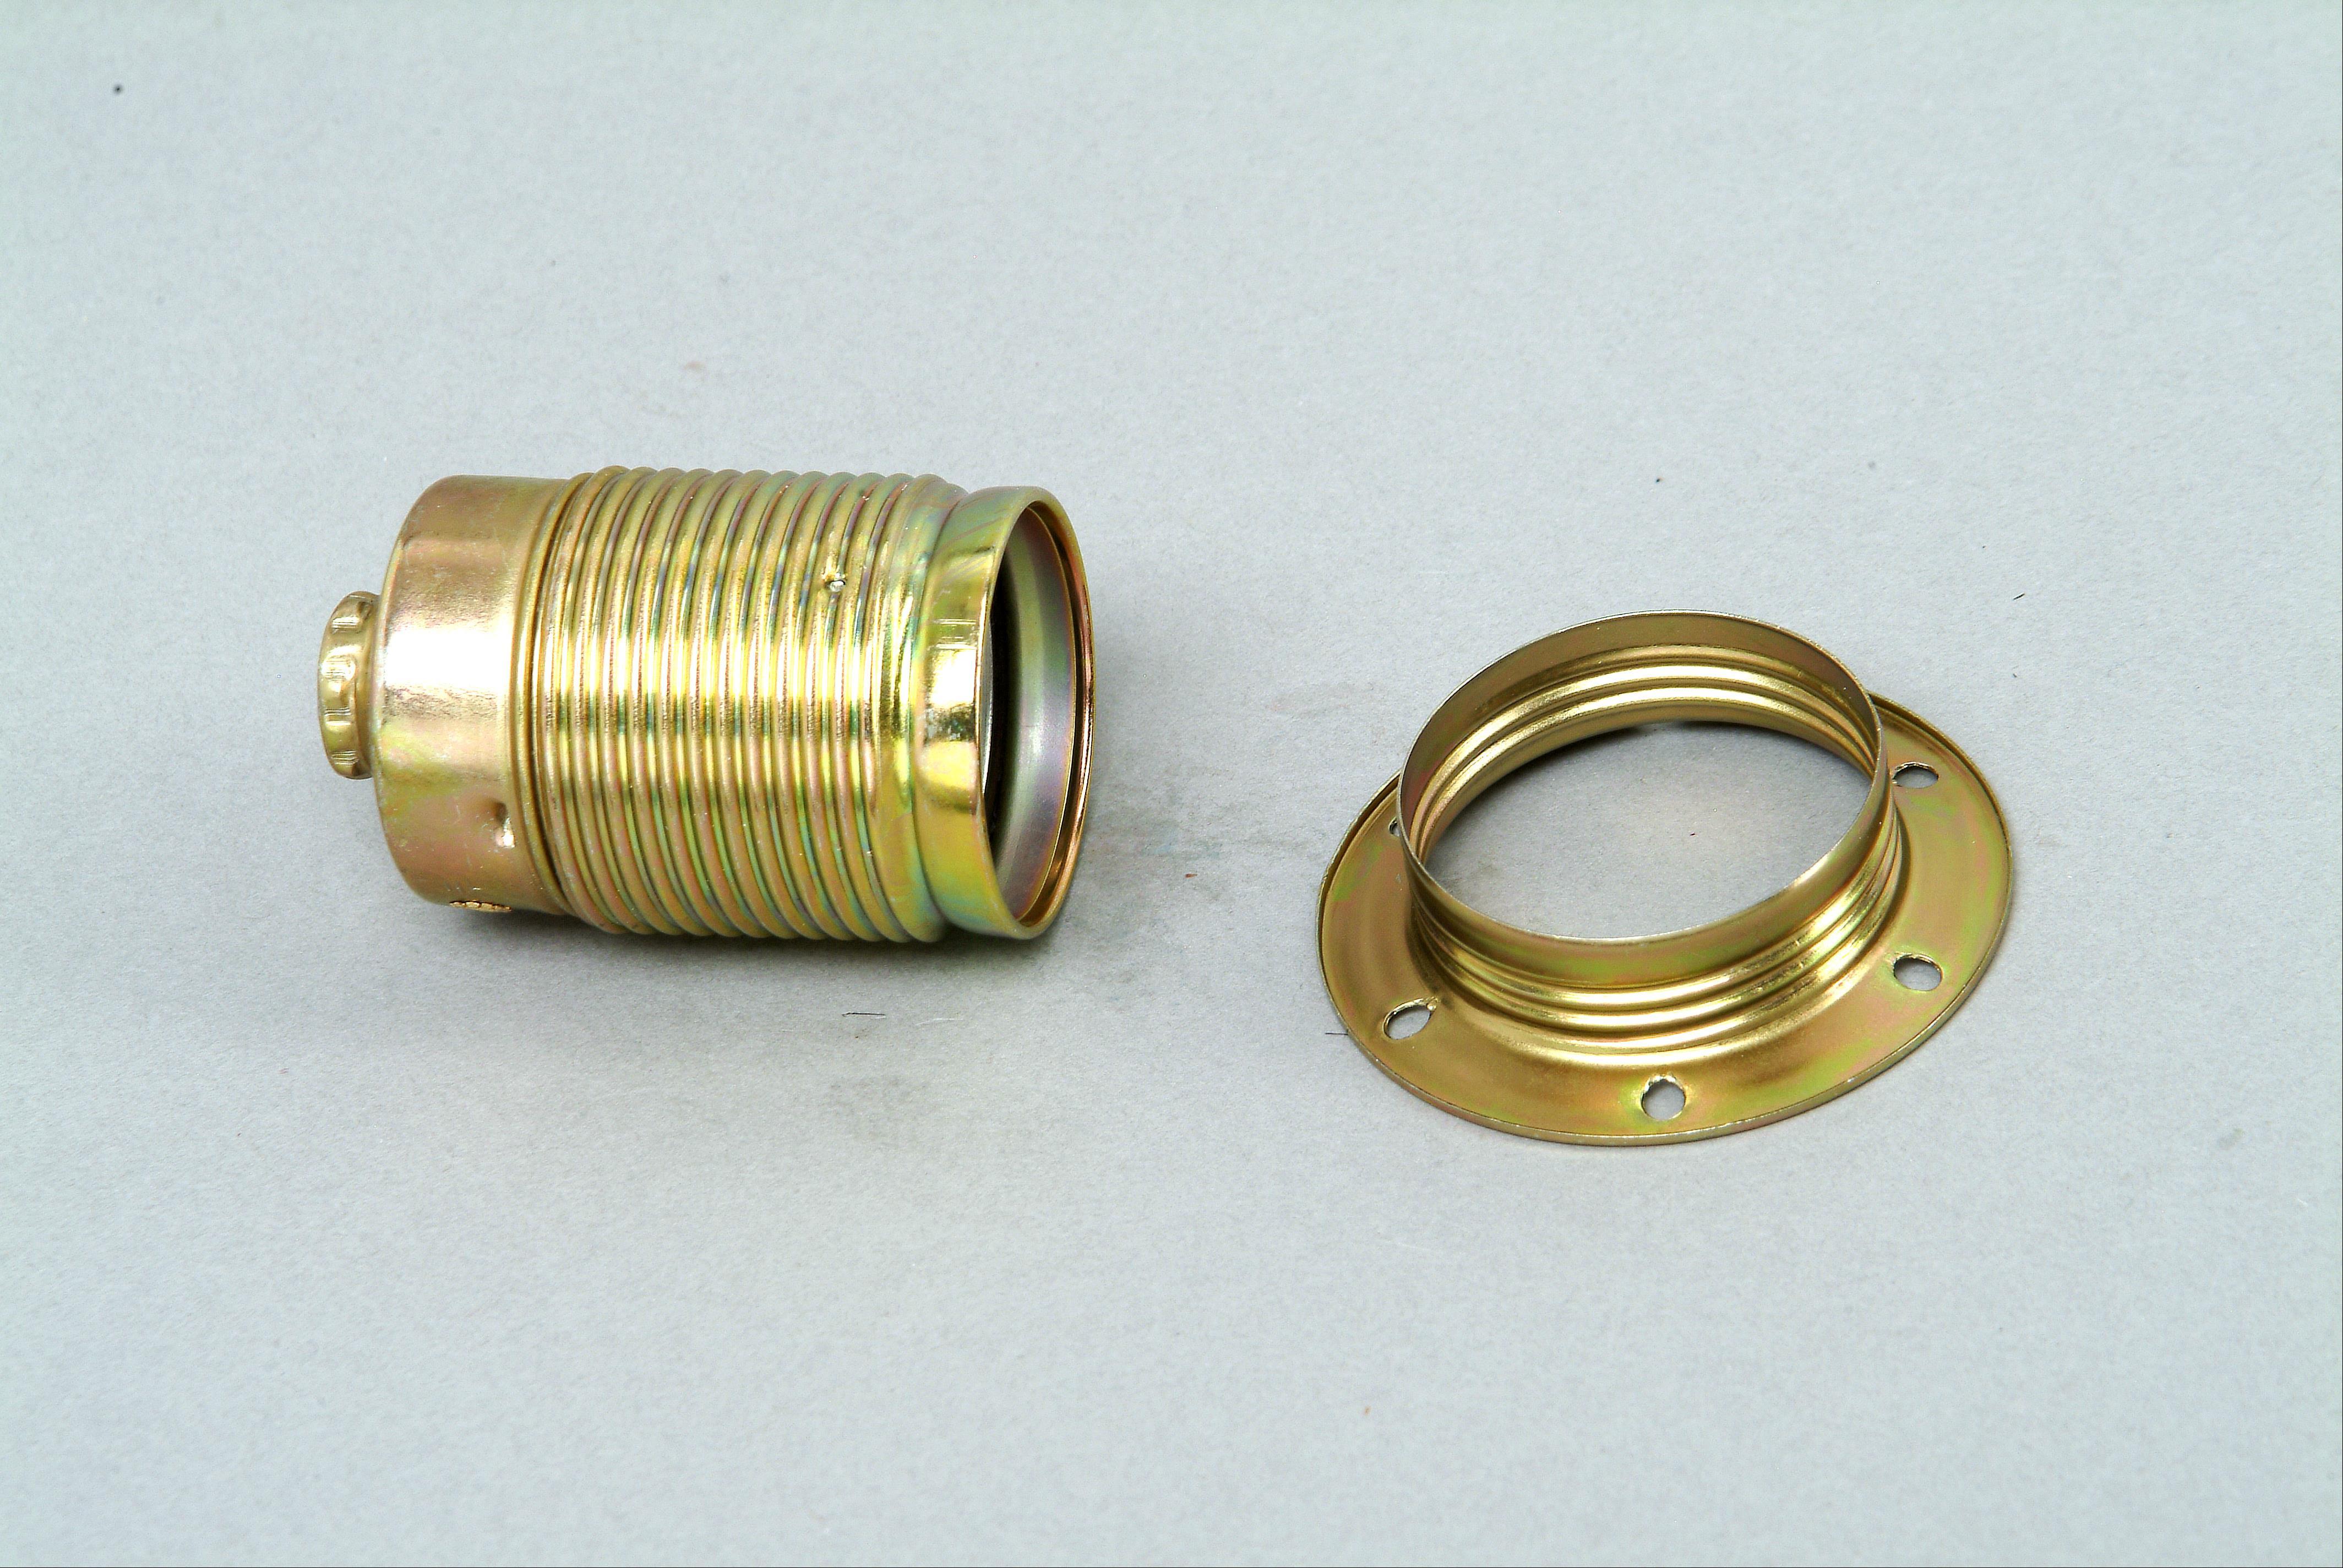 Kopp Metall - Fassung mit Außengewindemantel E27 Bild 1